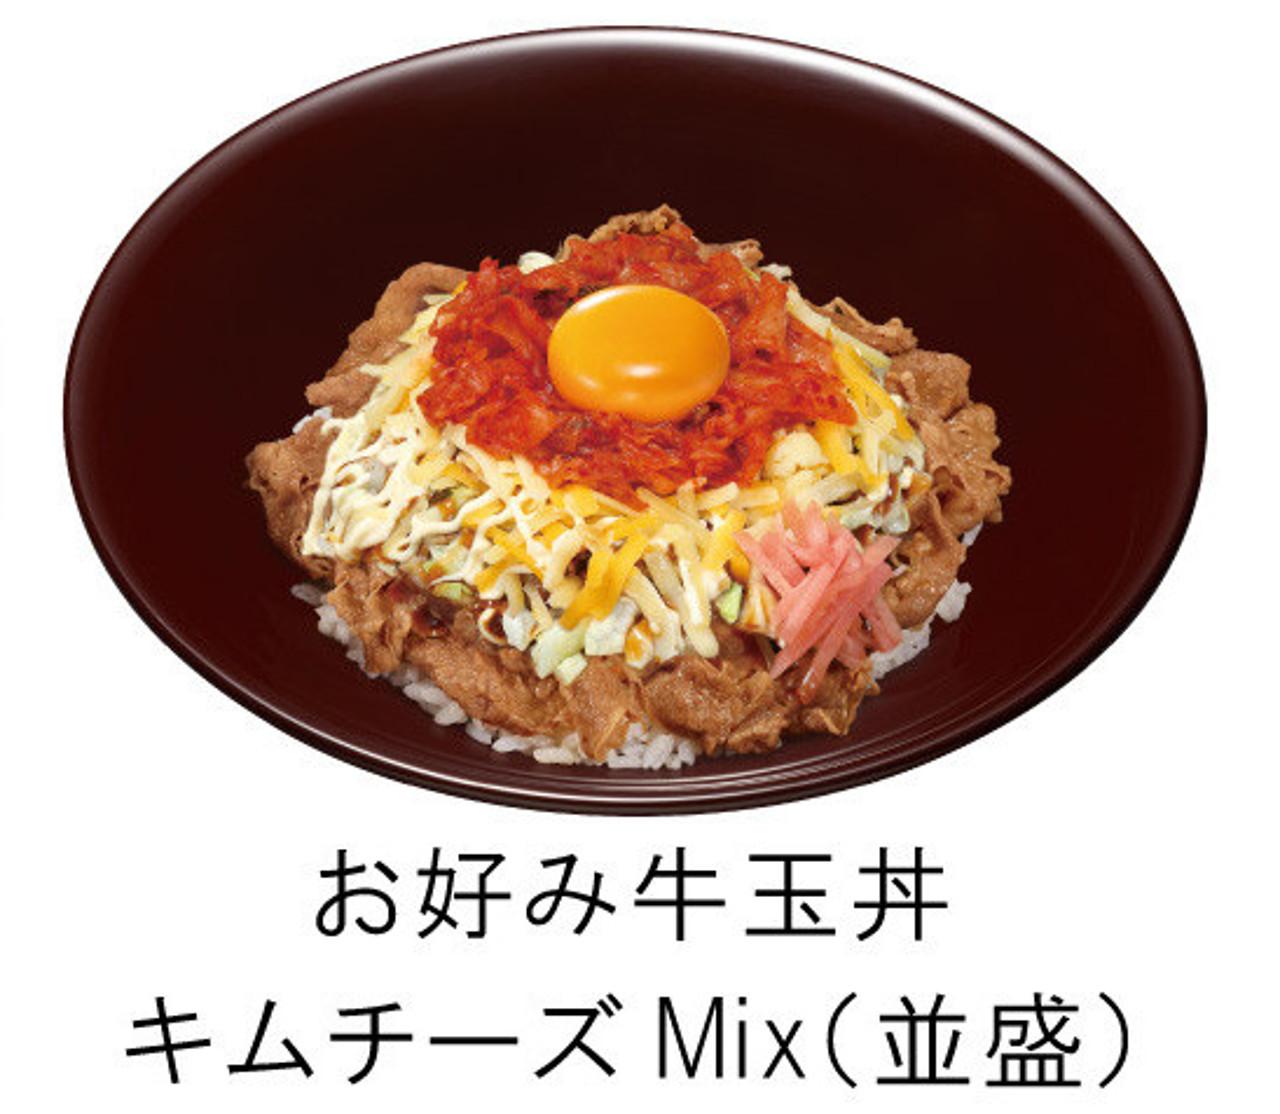 すき家_お好み牛玉丼キムチーズMix2019_販売開始アイキャッチ1280